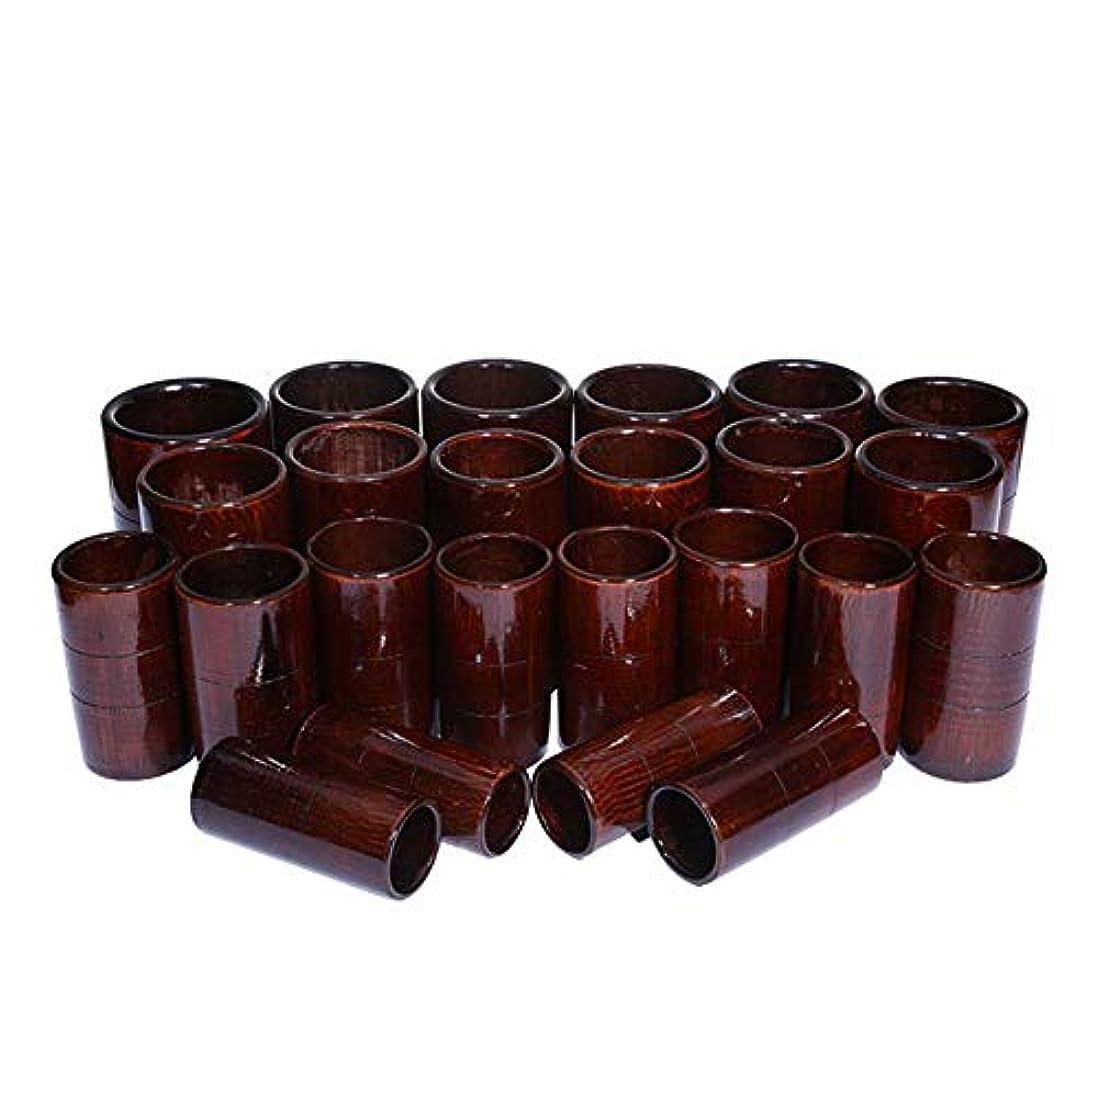 不可能な修道院リードカッピング竹鍼治療セットマッサージバキュームカップキットチャコール缶ボディ医療サクションセット,A10pcs